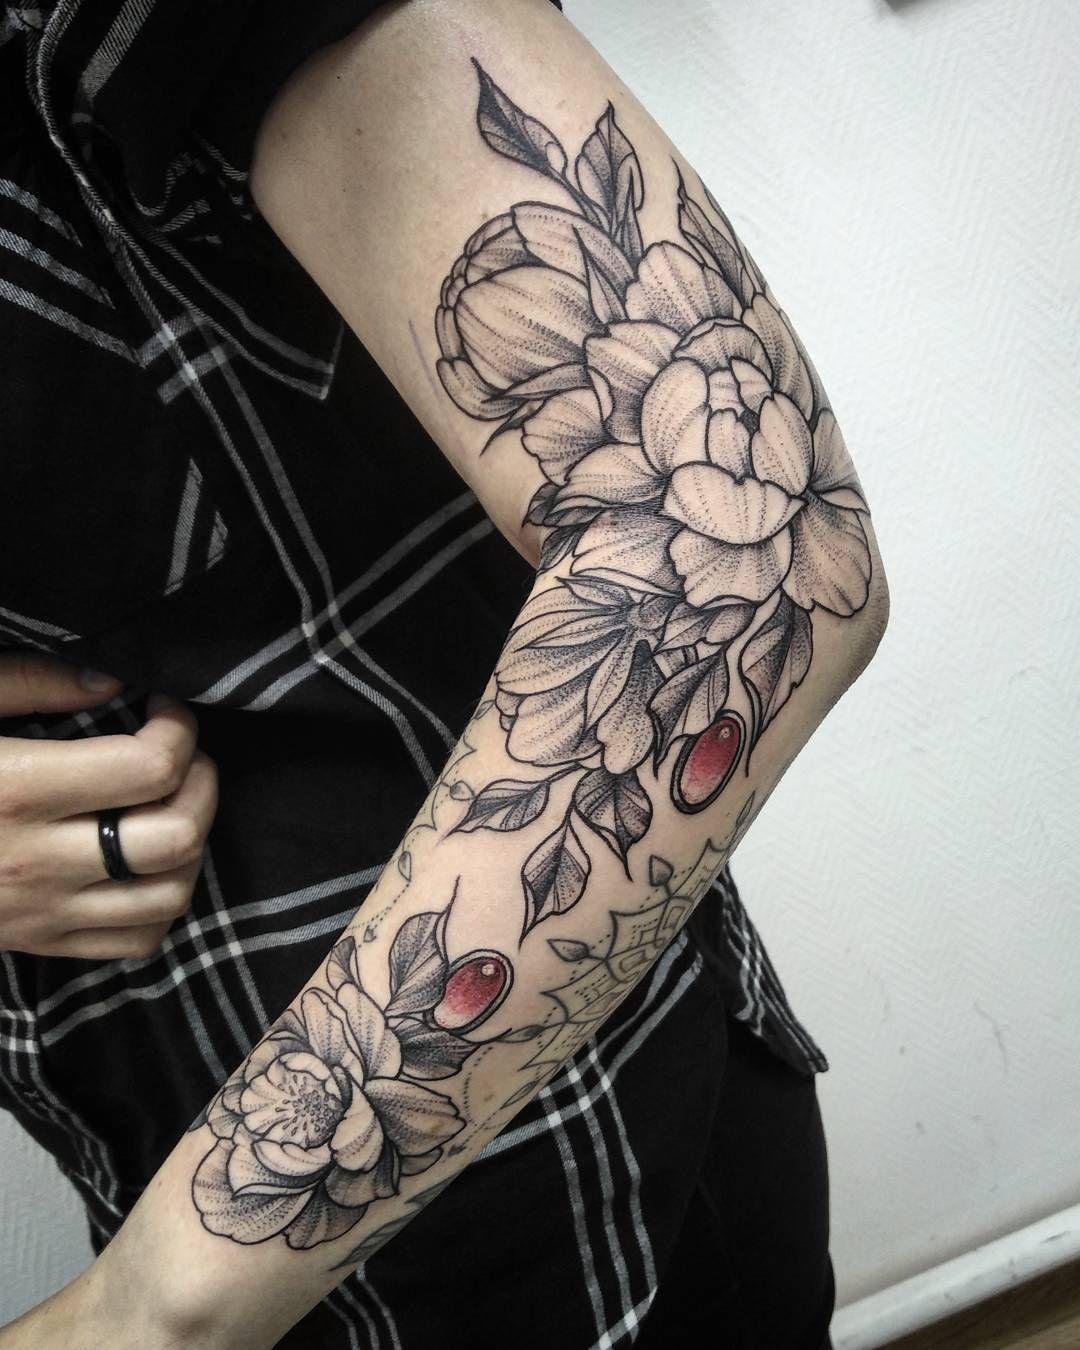 Girl Sleeve Tattoo with flowers Sleeve Tattoo Ideas